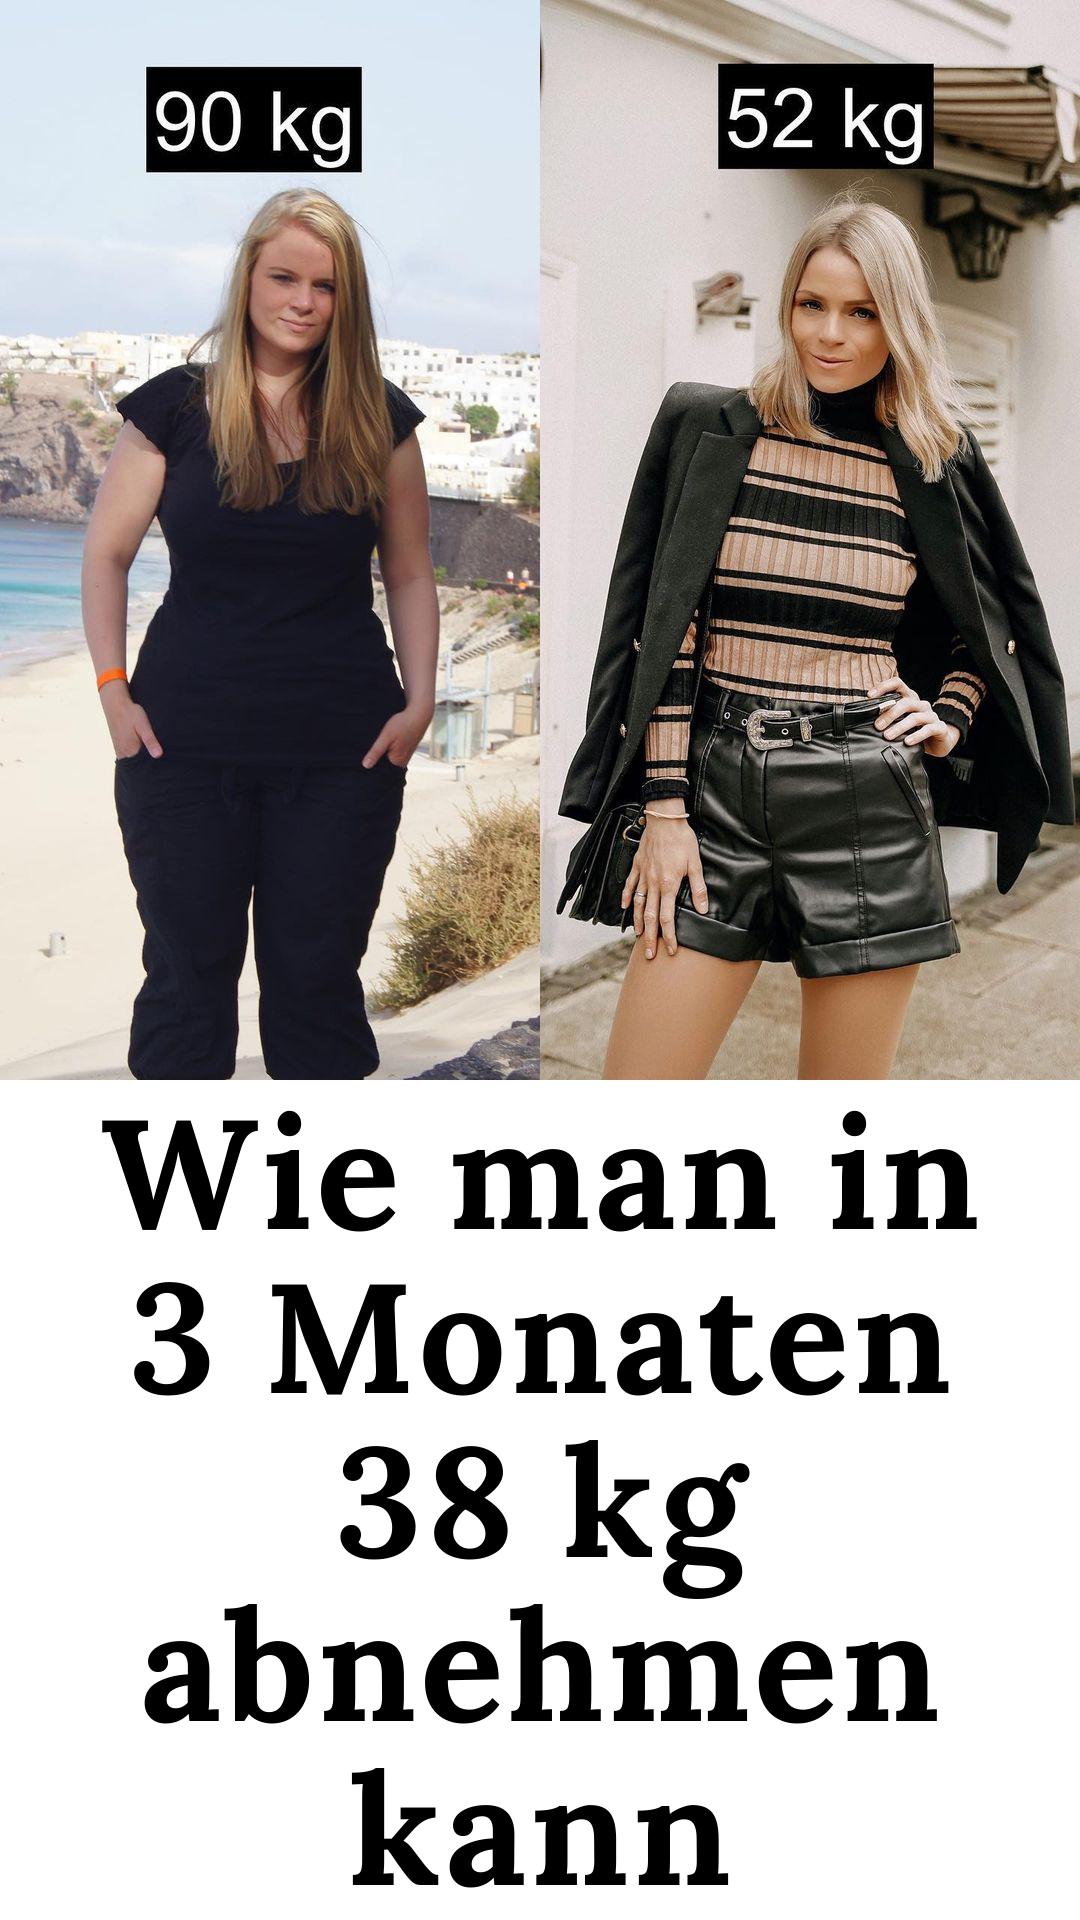 Frau mit aus eine kg sieht wie 90 BMI